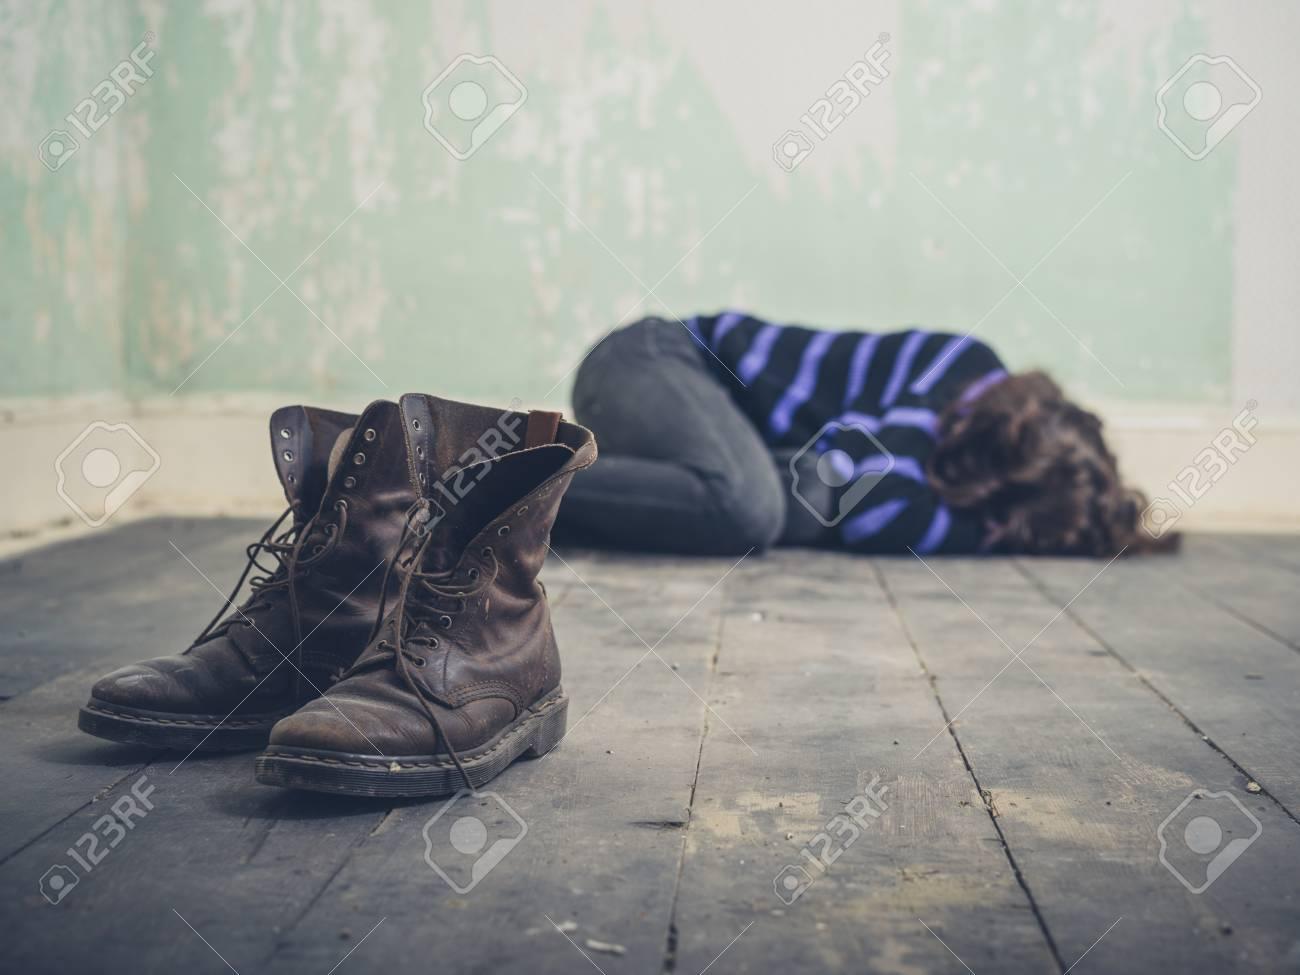 Una giovane donna triste è sdraiato sul pavimento in una stanza vuota con un paio di stivali in primo piano